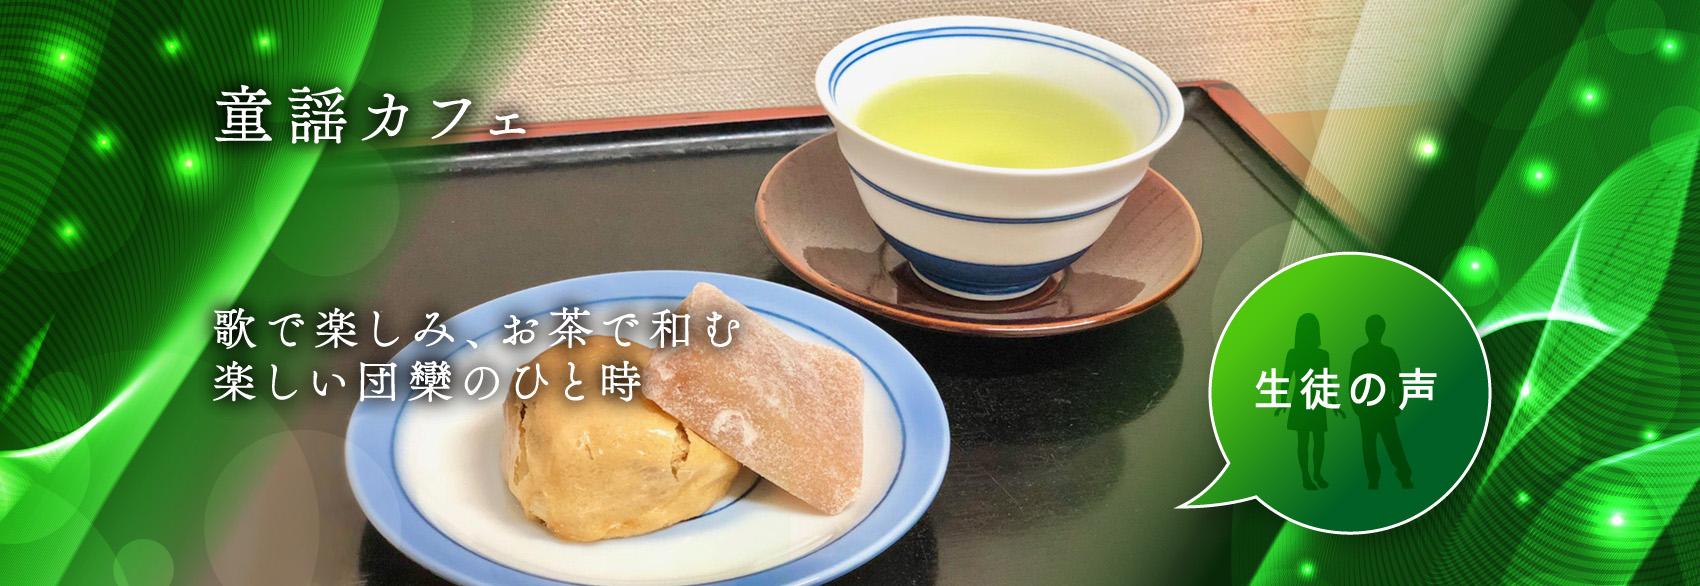 童謡カフェ 歌で楽しみ、お茶で和む 楽しい団欒の一ひと時